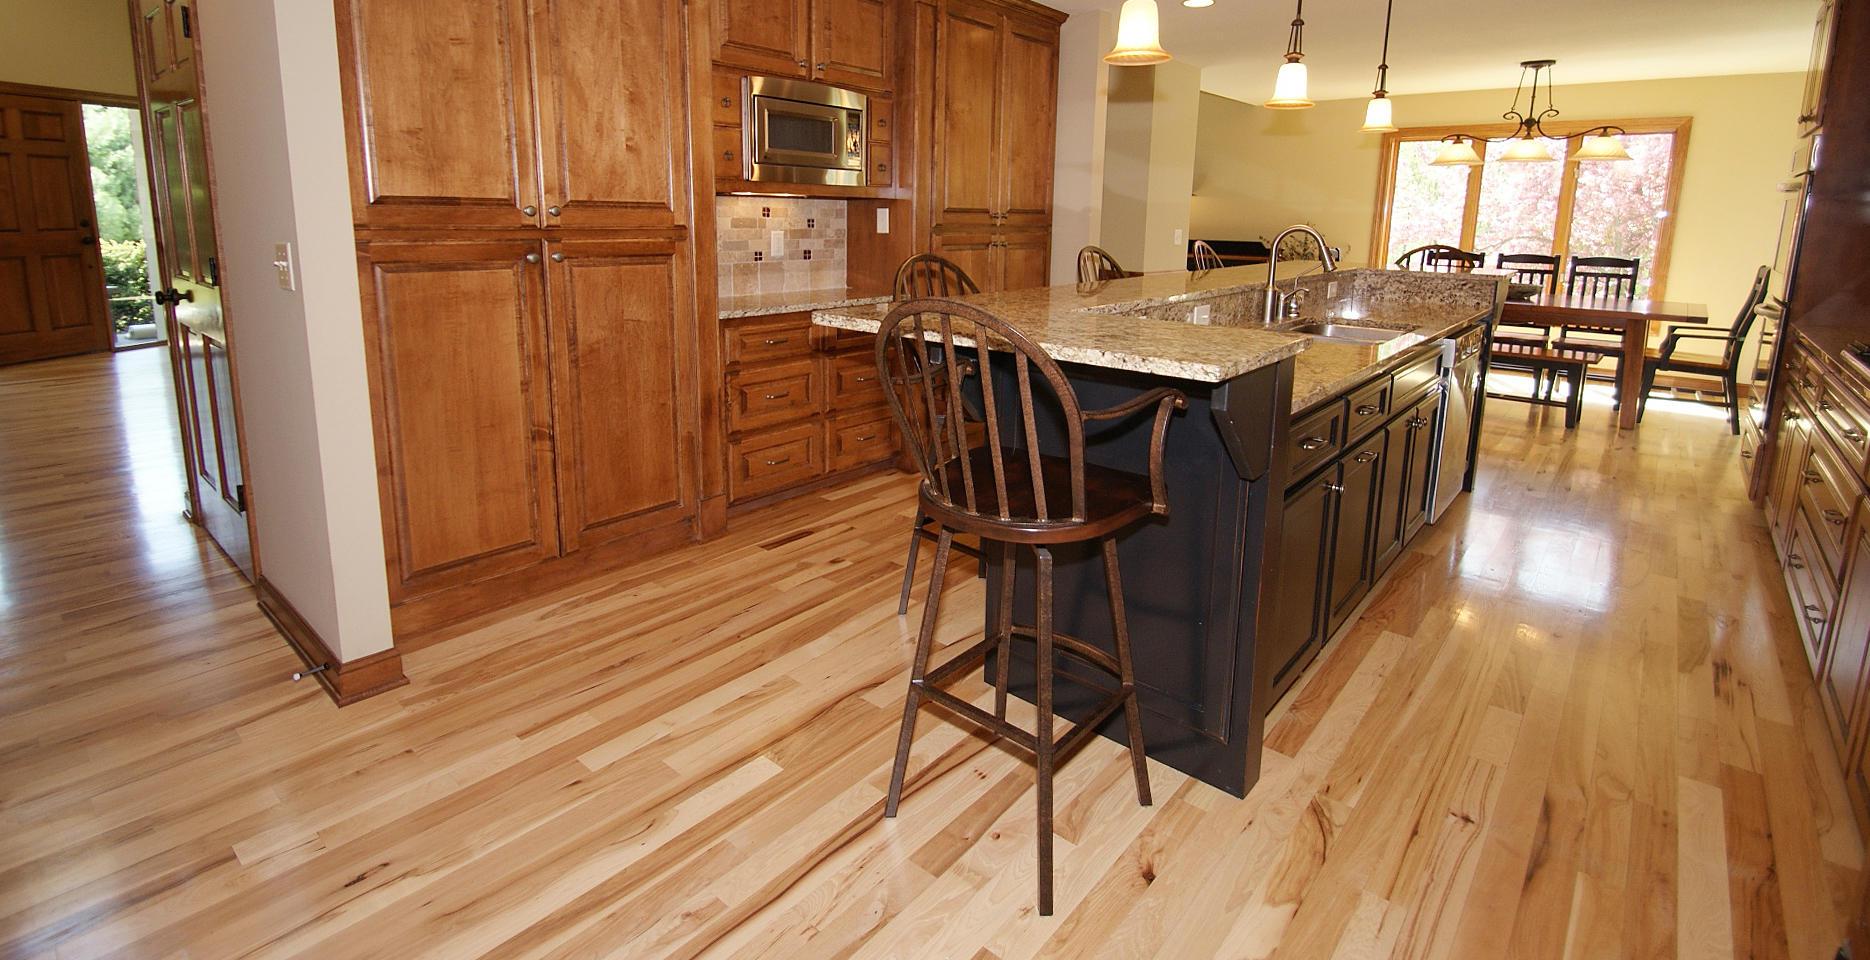 Lakeside Floor Coverings image 2